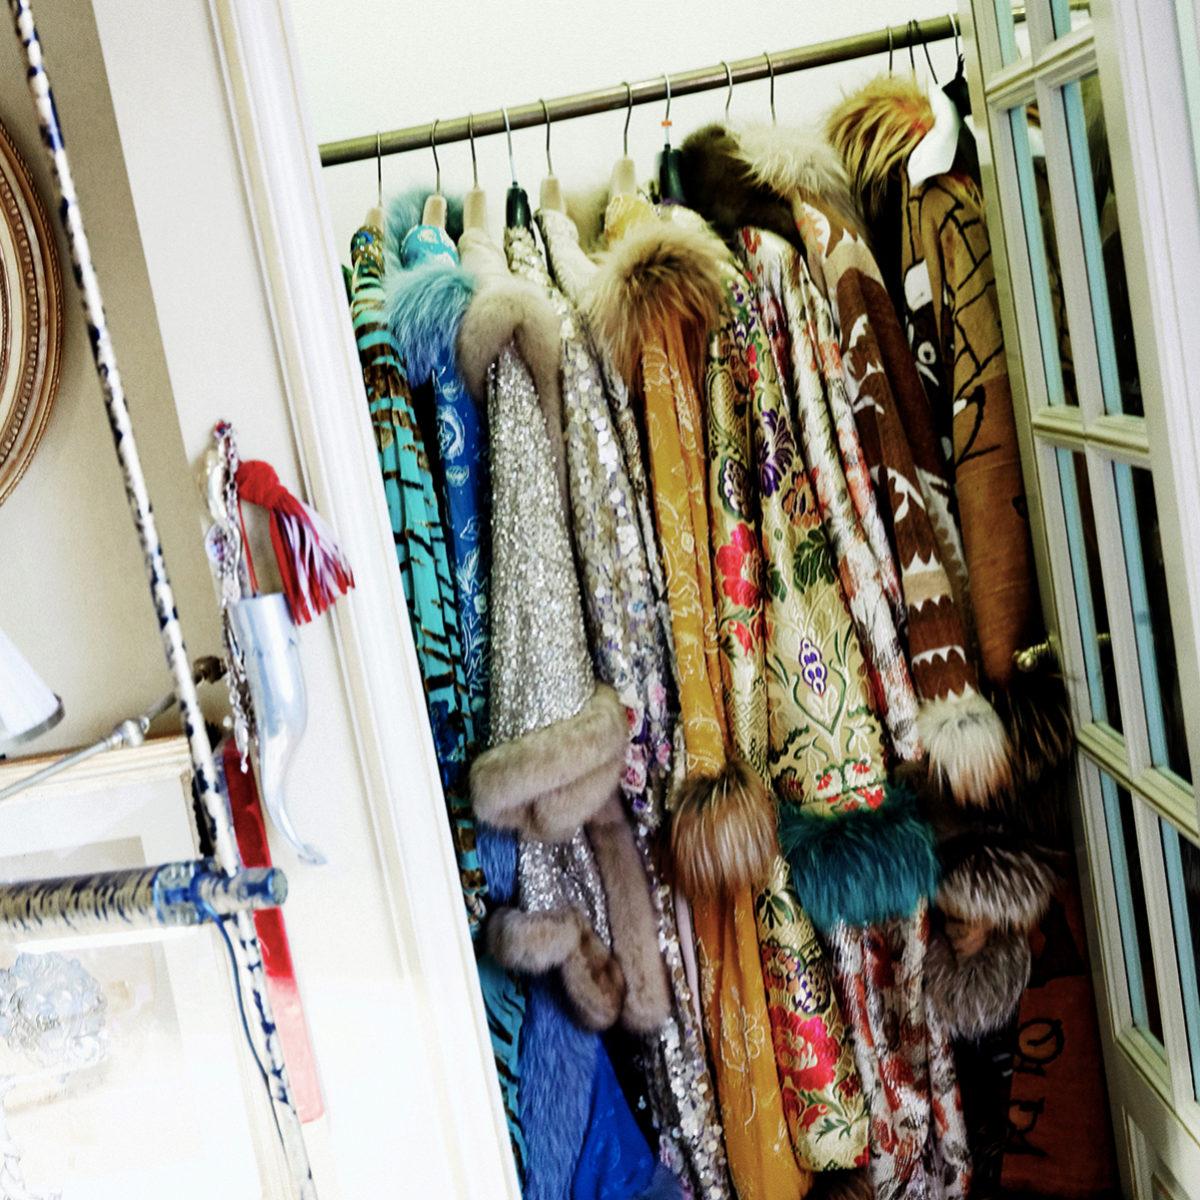 Para ordenar bien el armario tenemos que separar por categorías